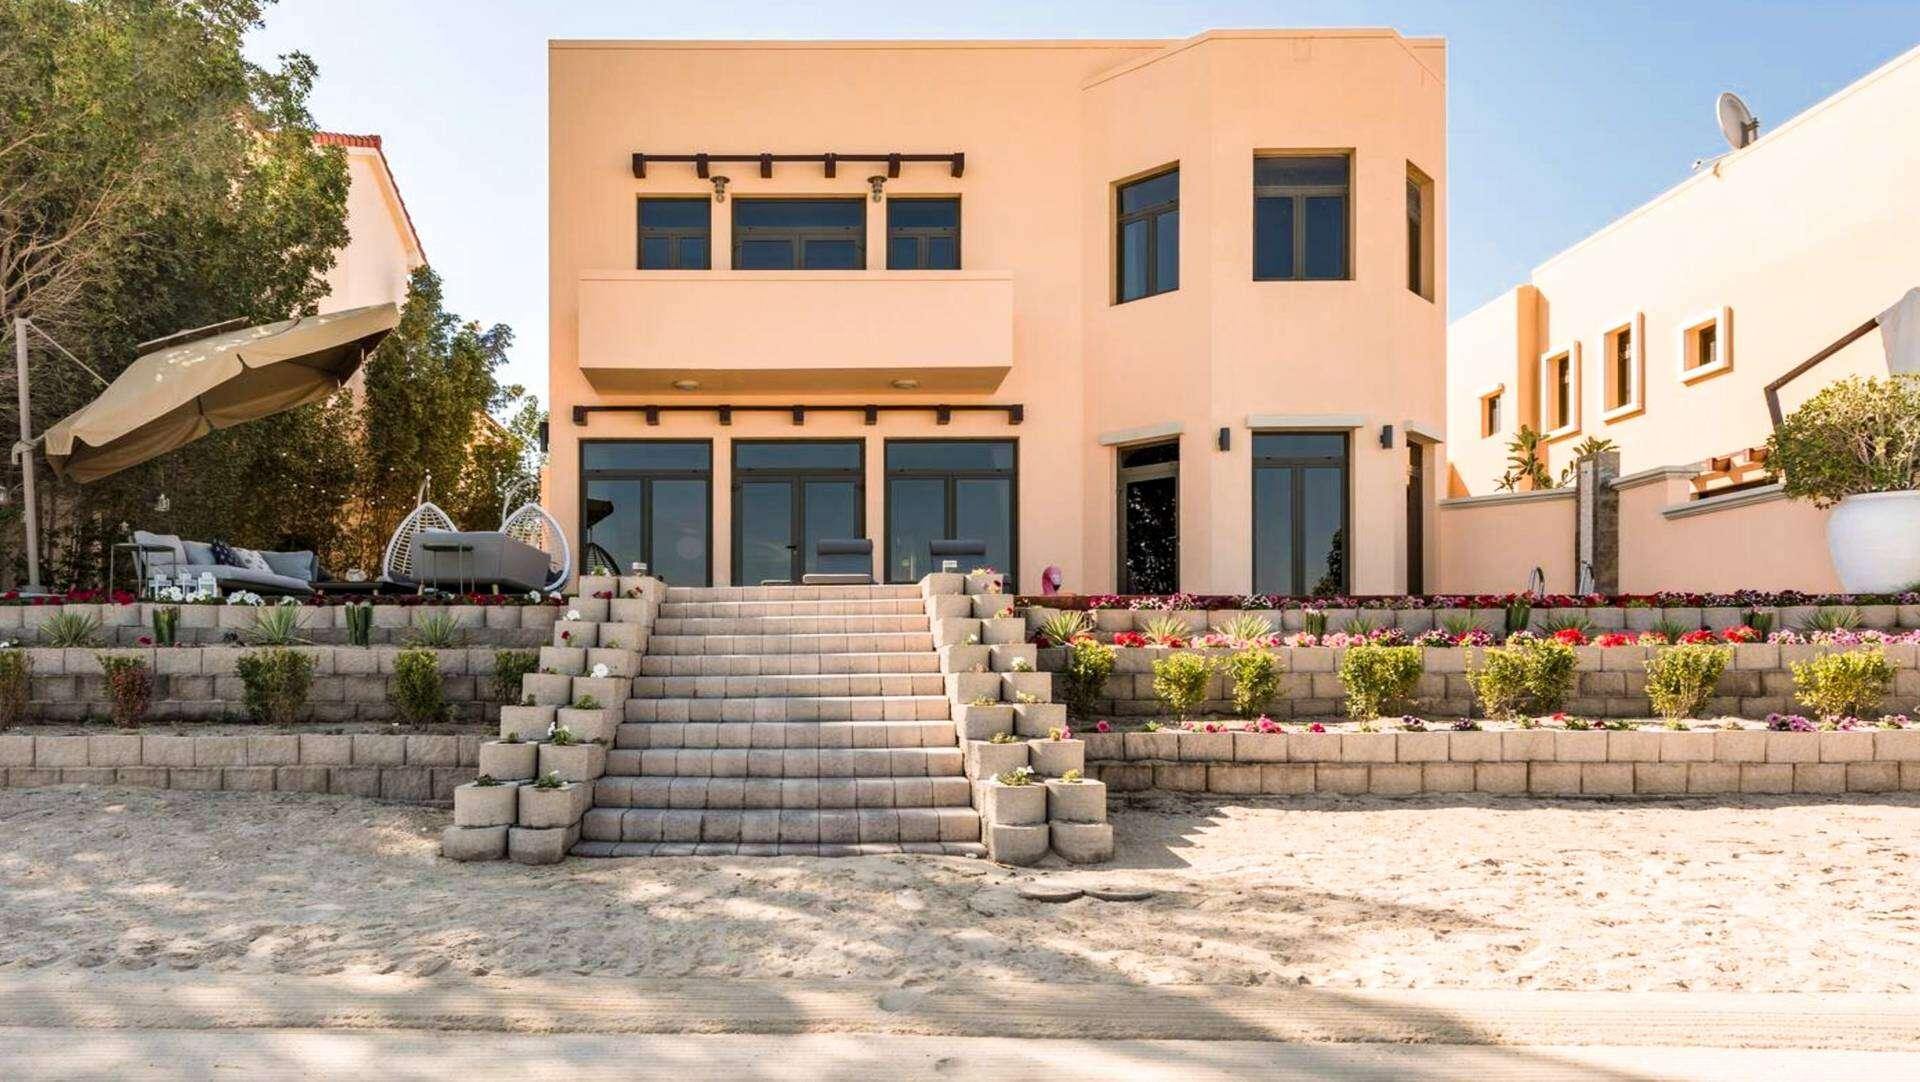 - Palm Jumeirah 121 - Image 1/26